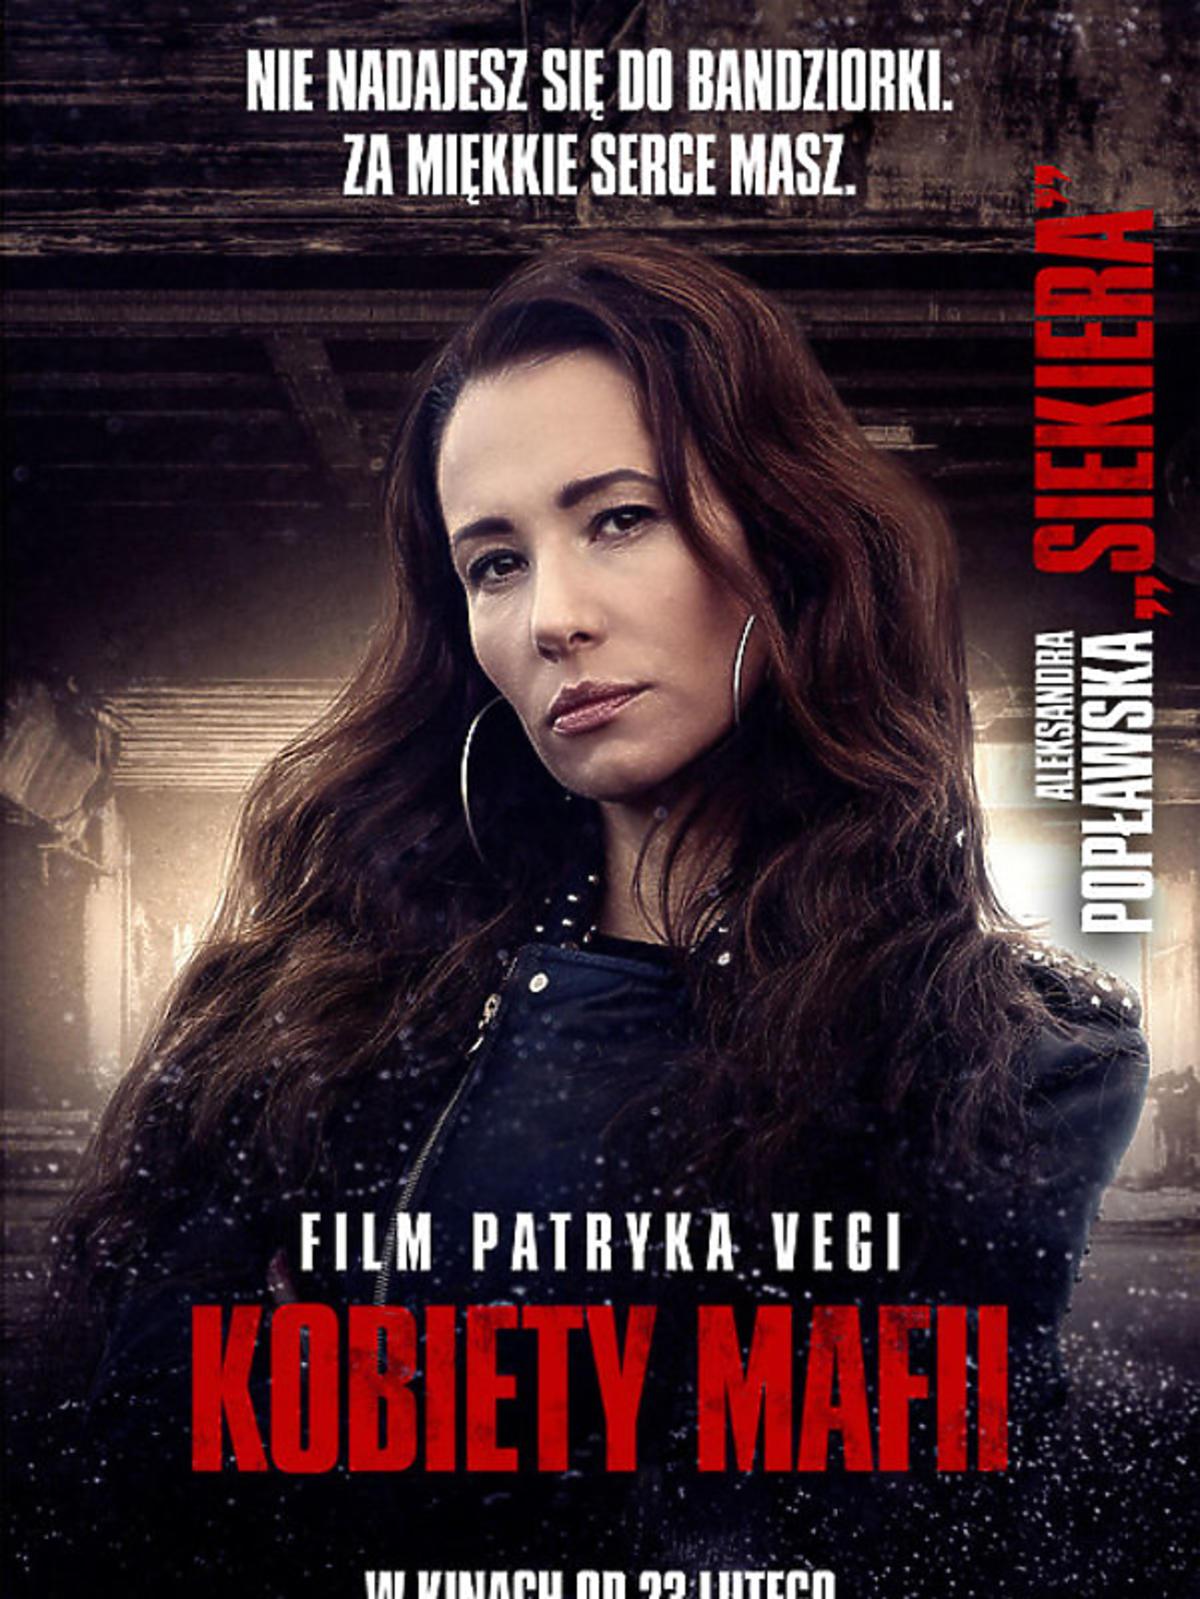 Kobiety mafii -  Aleksandra Popławska na plakacie